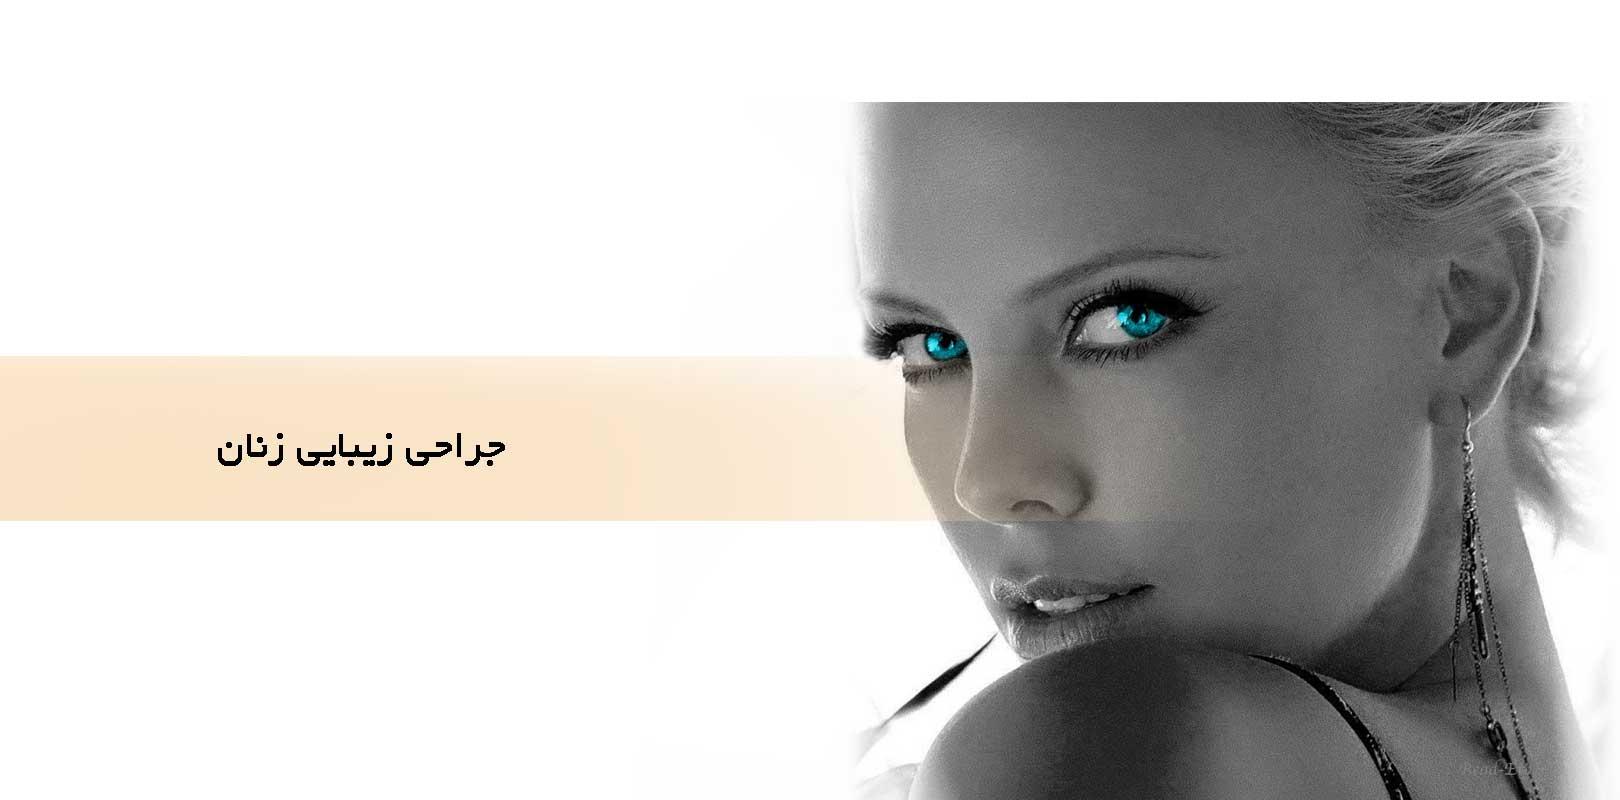 جراحی زیبایی زنان | دکتر سعیده اسدی٬ فلوشیپ زیبایی